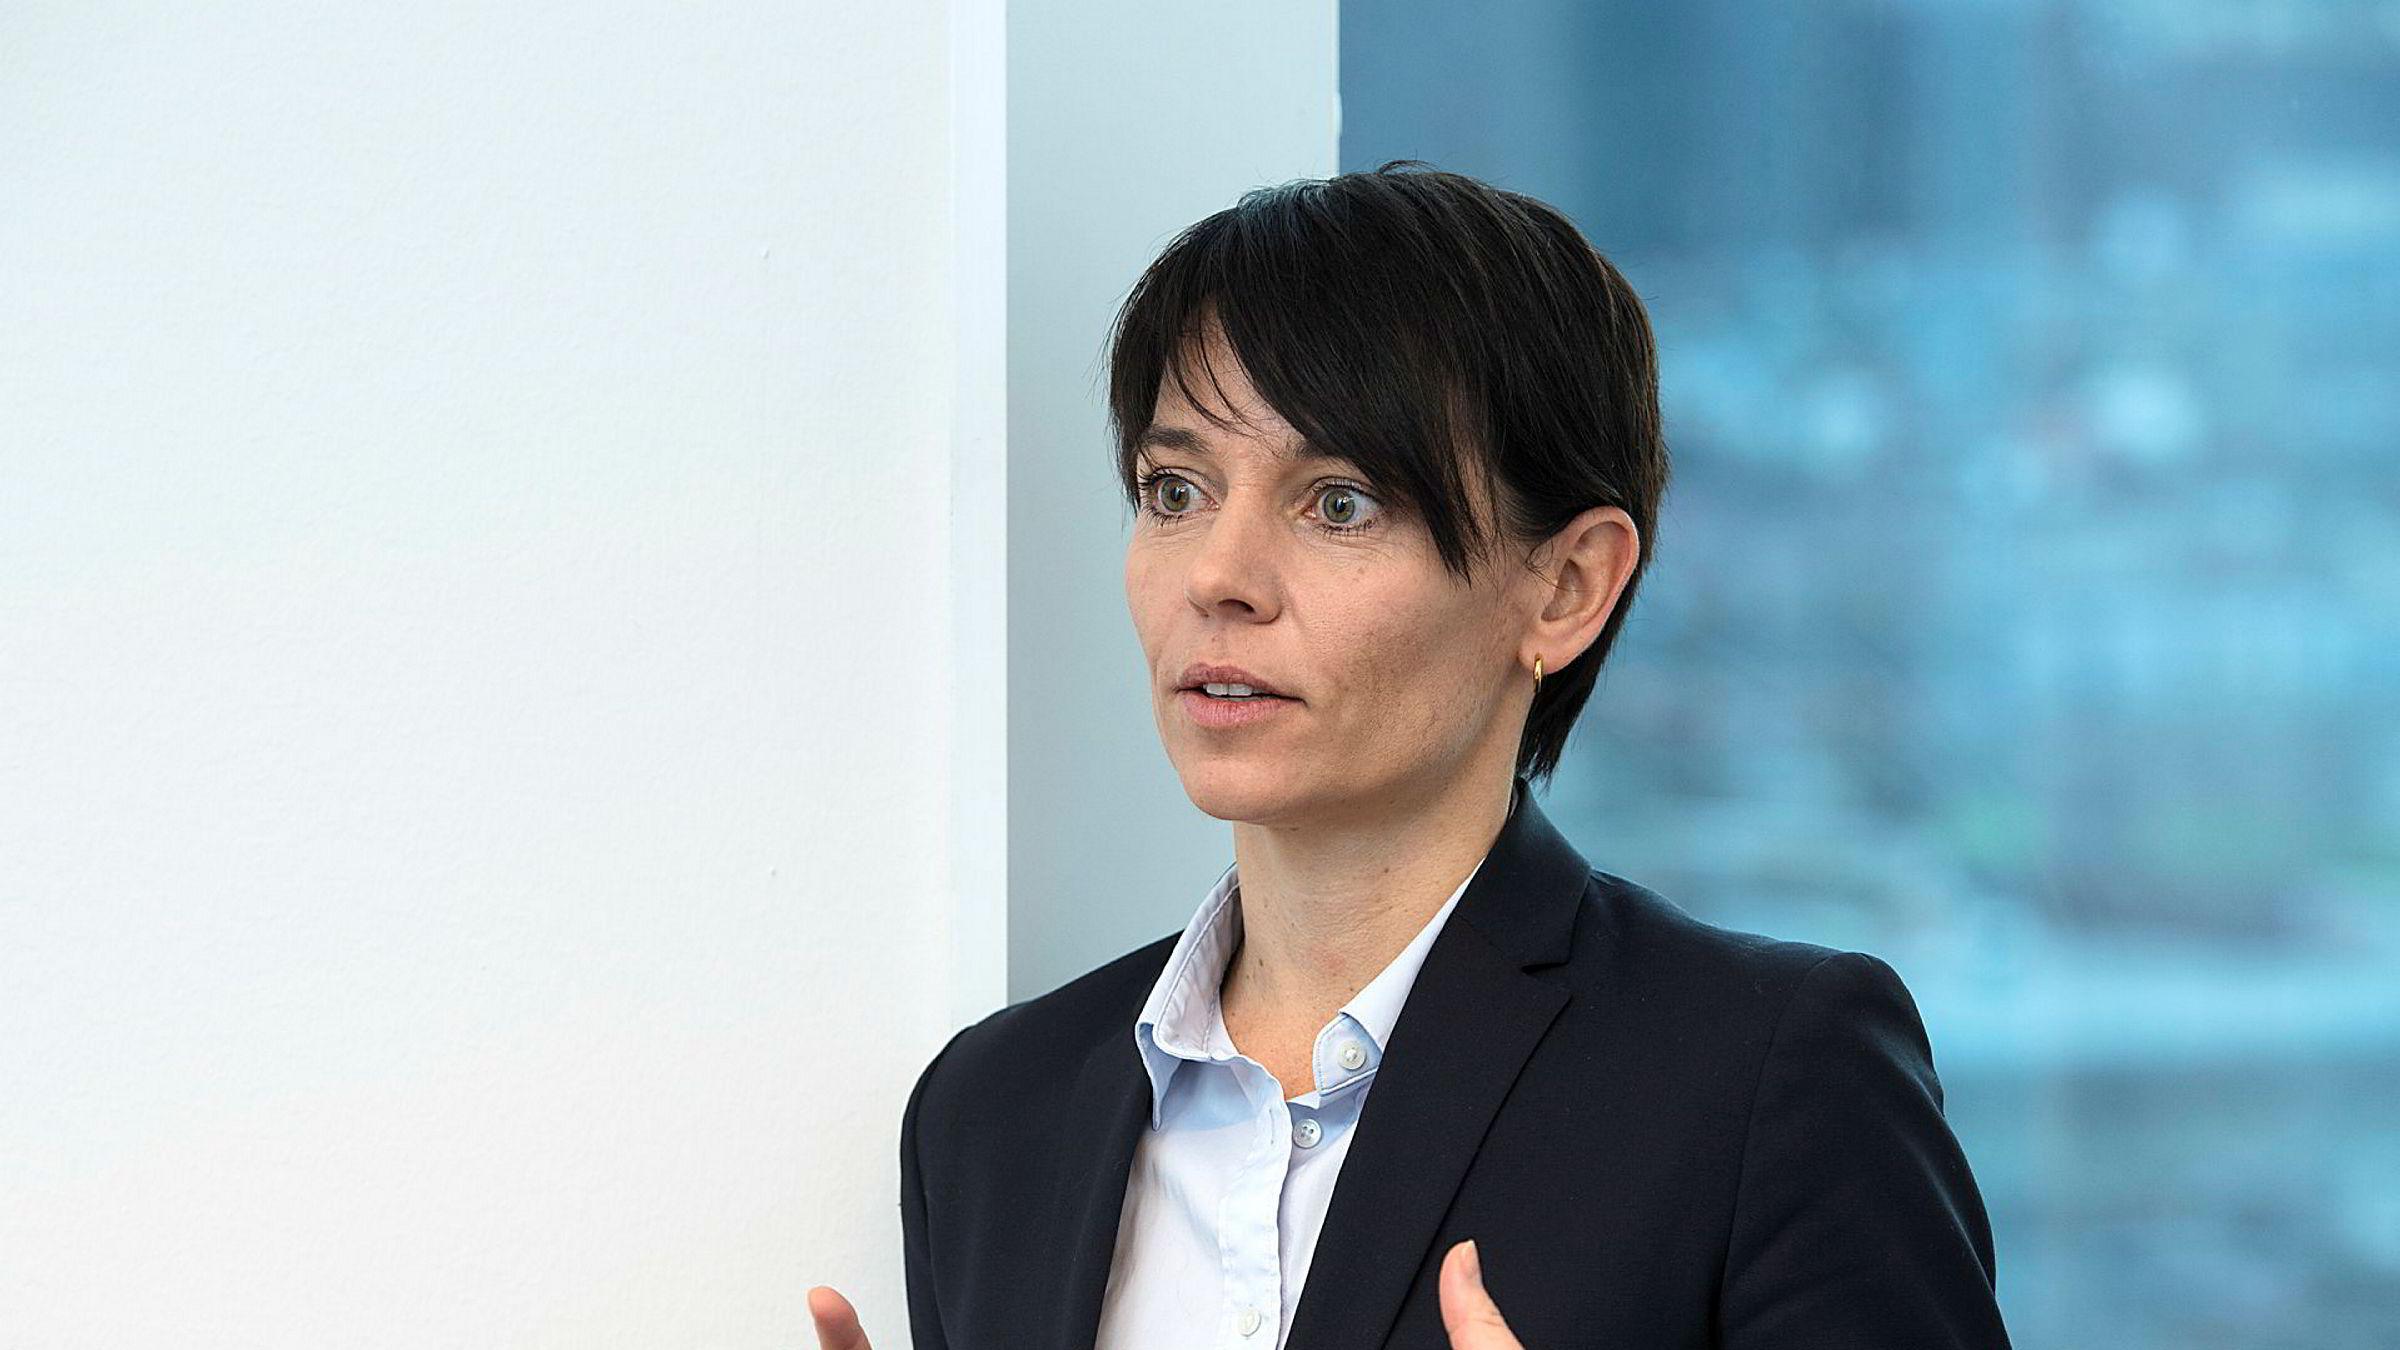 – Vi har vært på bevissikring hos flere aktører i bokmarkedet, sier juridisk direktør Karin Stakkestad Laastad.